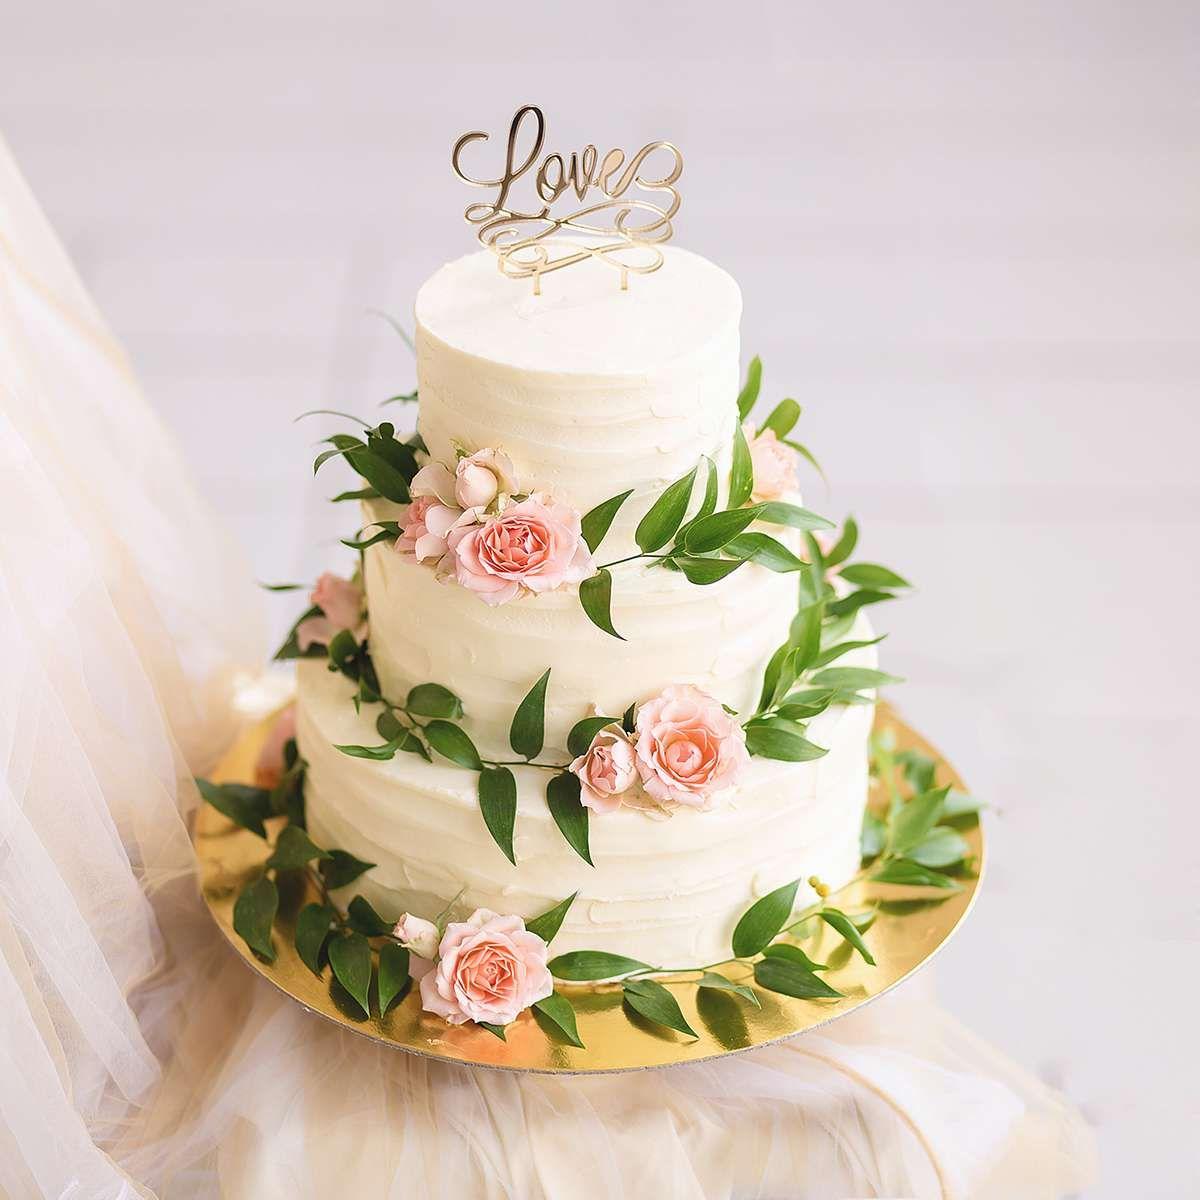 Свадебные торты : Эко-рустик фото : 3 идей 2017 года на ...